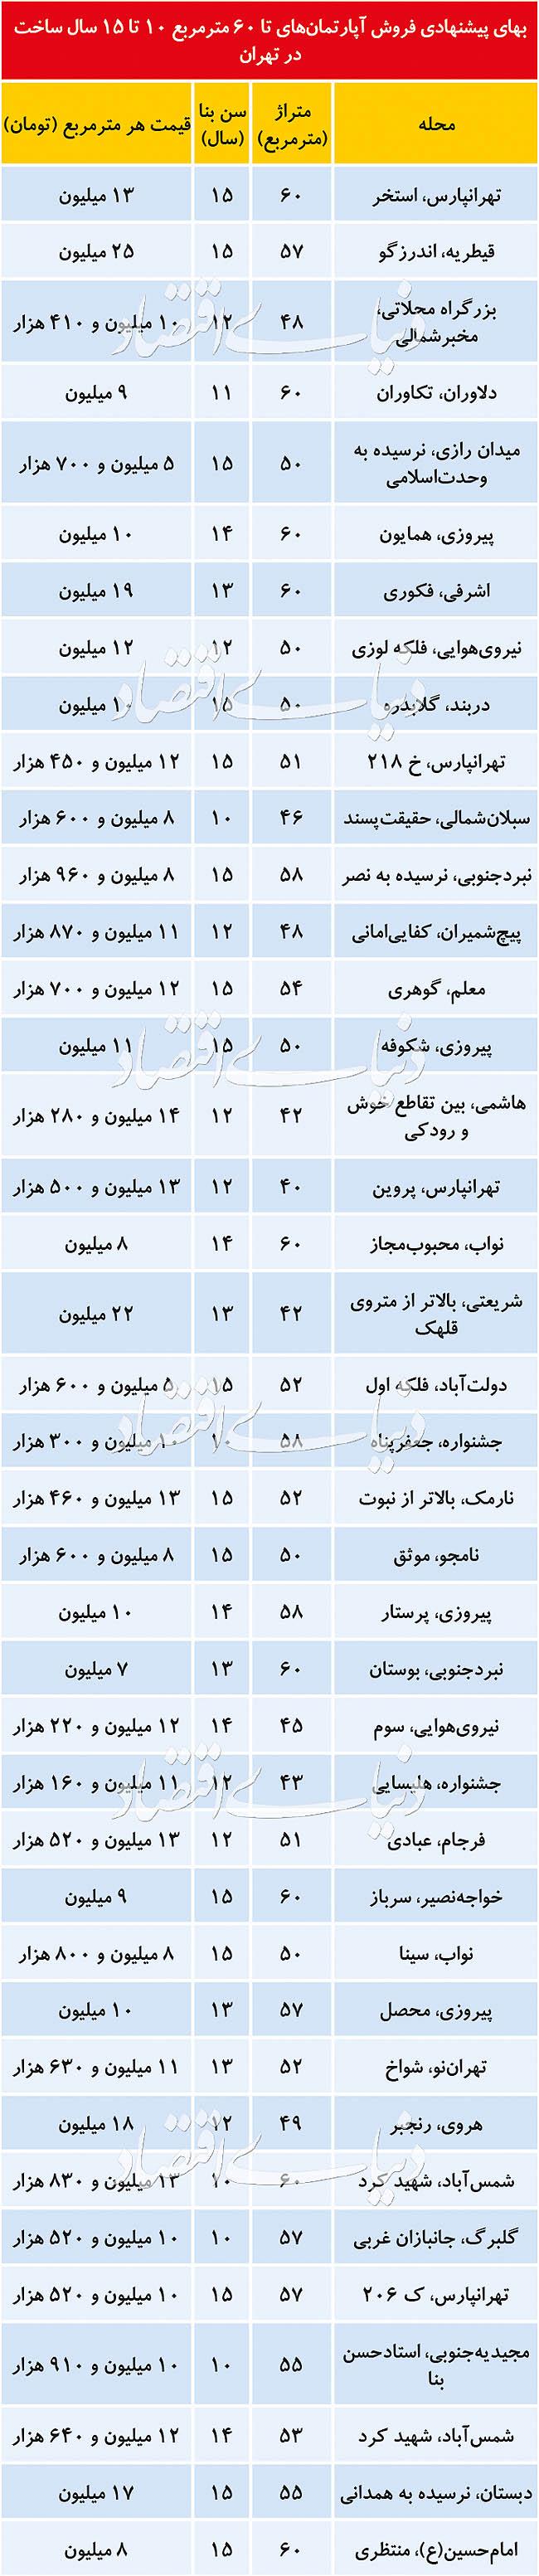 مناسبترین مناطق تهران برای خانه اولیها کجاست؟